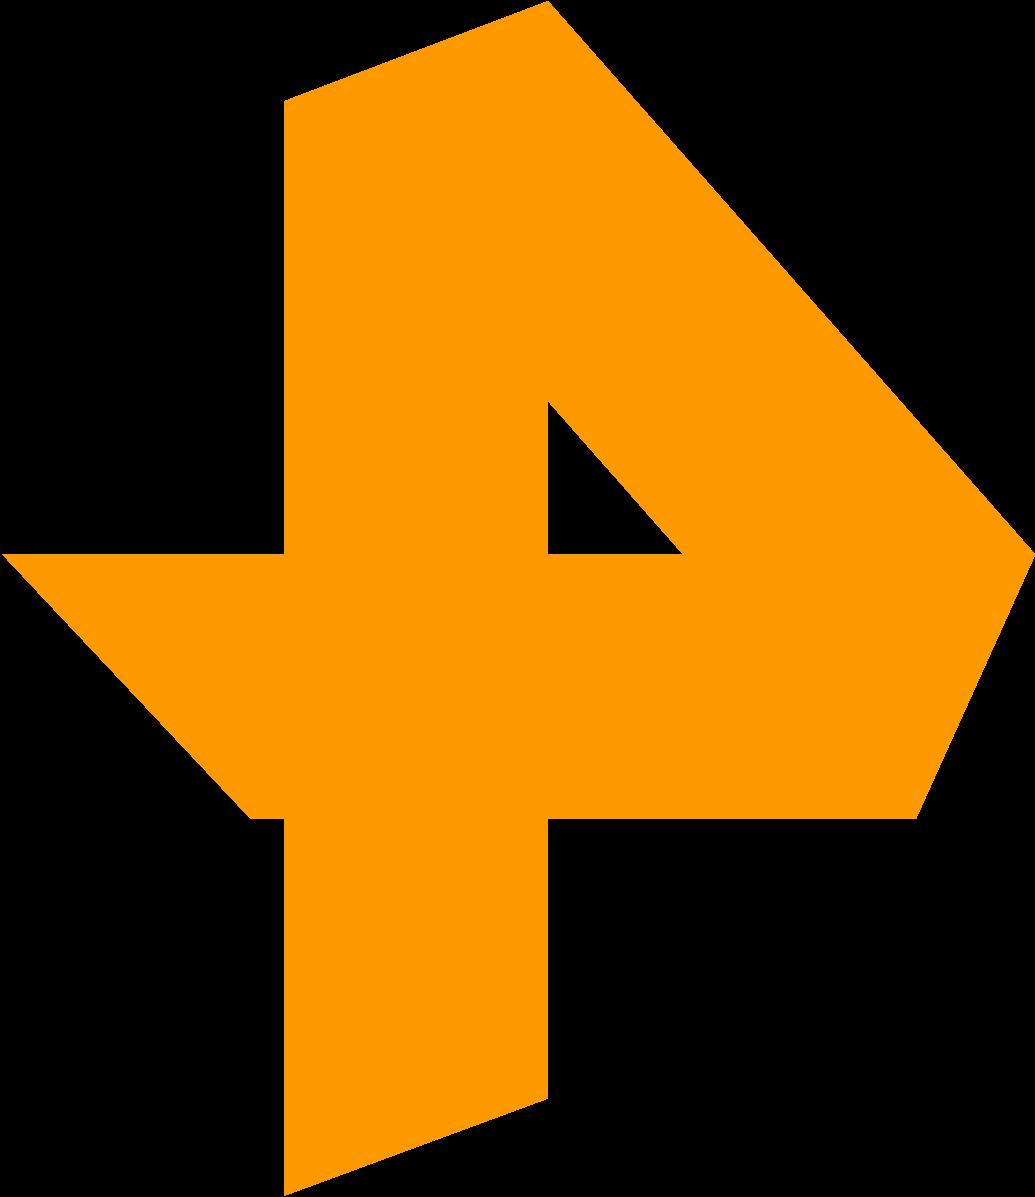 Размещение рекламы на канале Рен ТВ